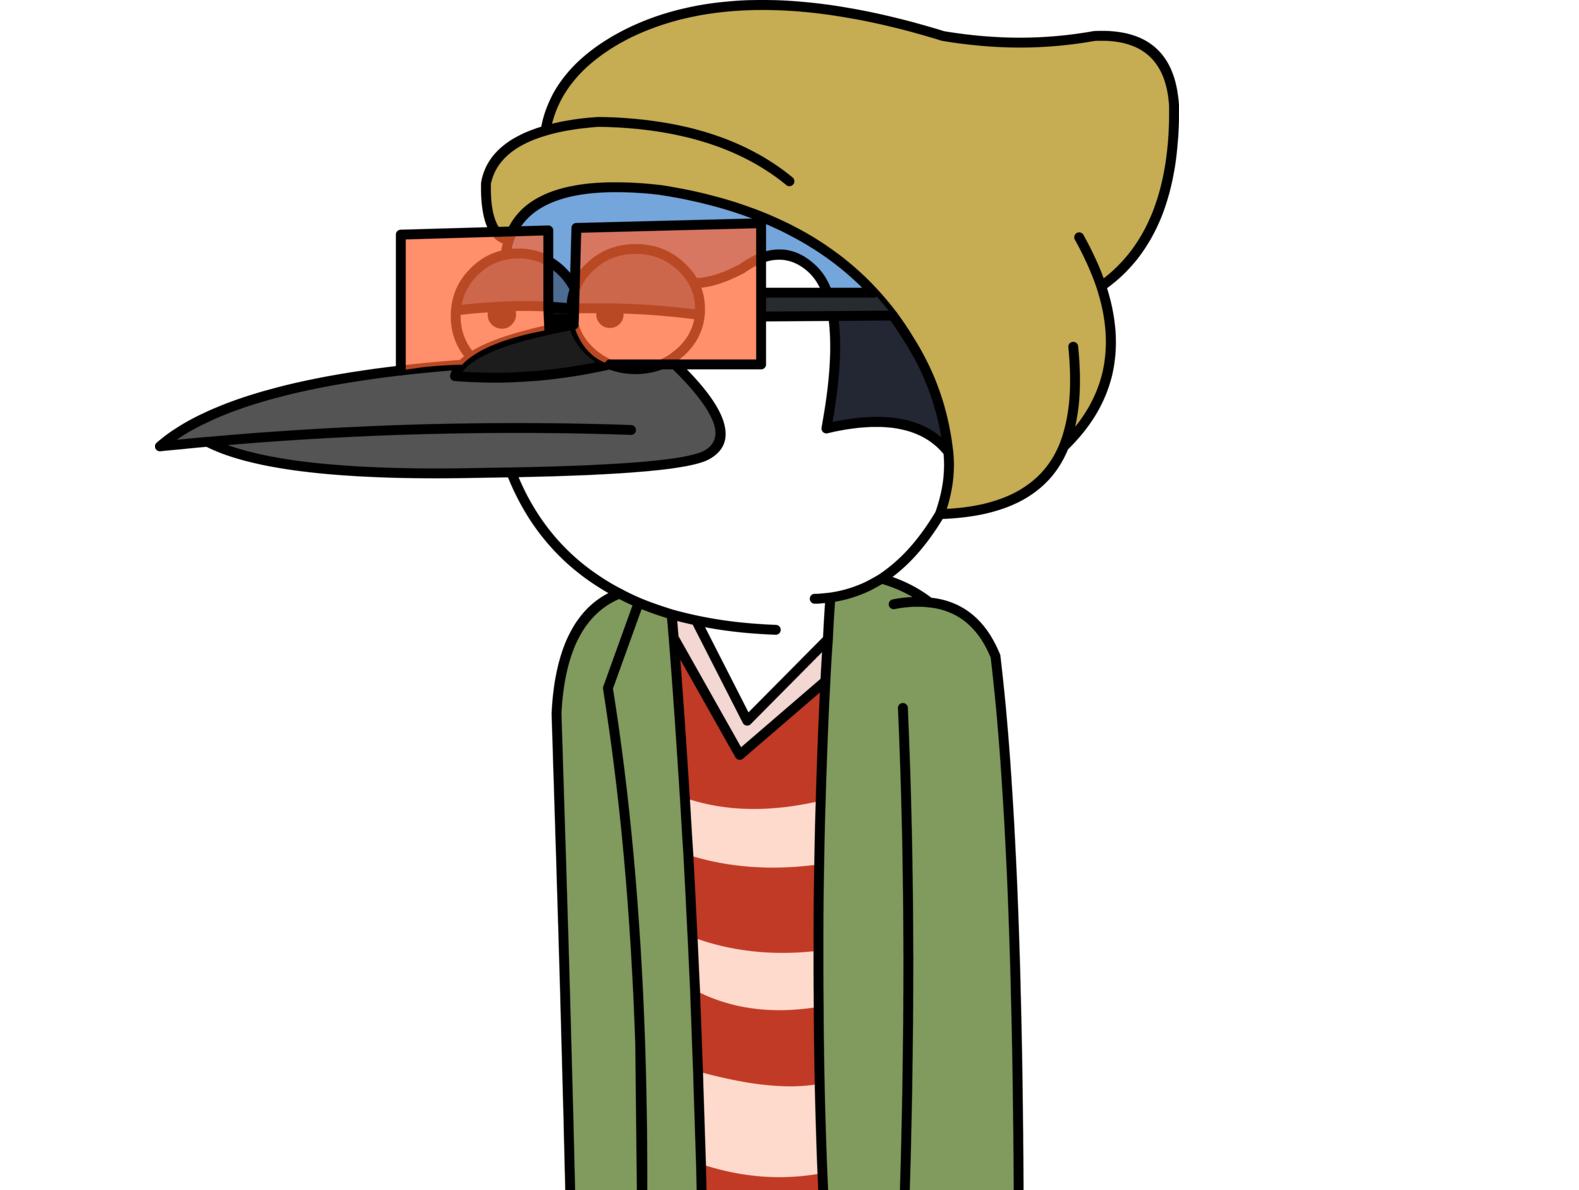 Sticker kikoojap mordecai blase lunette bonnet